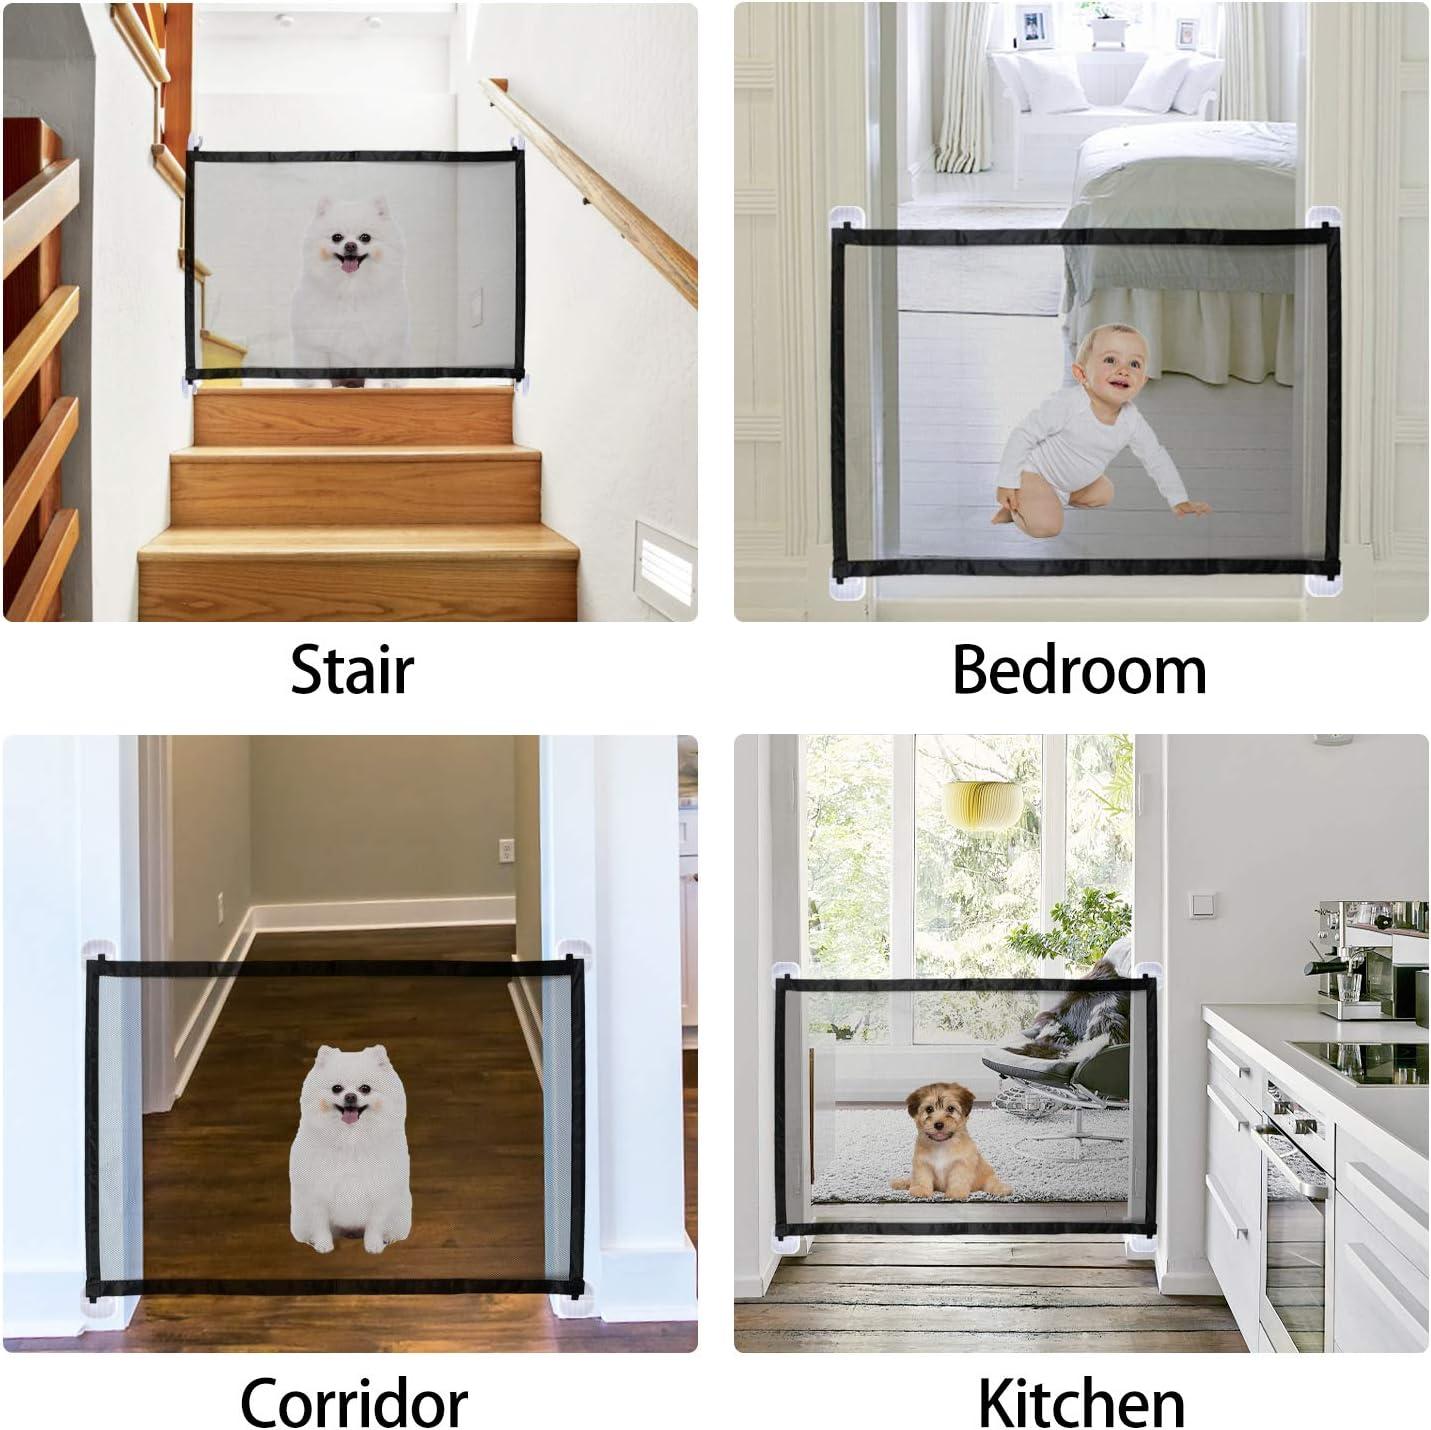 KATELUO Puerta Mágica para Perros, Magic Gate Dog, Puerta Mágica para Perros, para Mascotas, Adecuado para Perros, Gatos, Pasillos, Cocinas, Dormitorios, Escaleras. (110 x 72cm): Amazon.es: Productos para mascotas